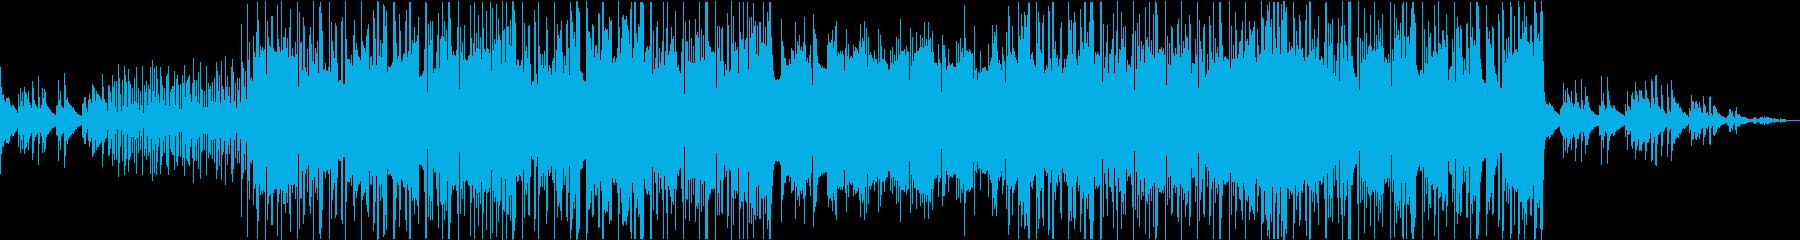 おしゃれな雰囲気にぴったりなHipHopの再生済みの波形